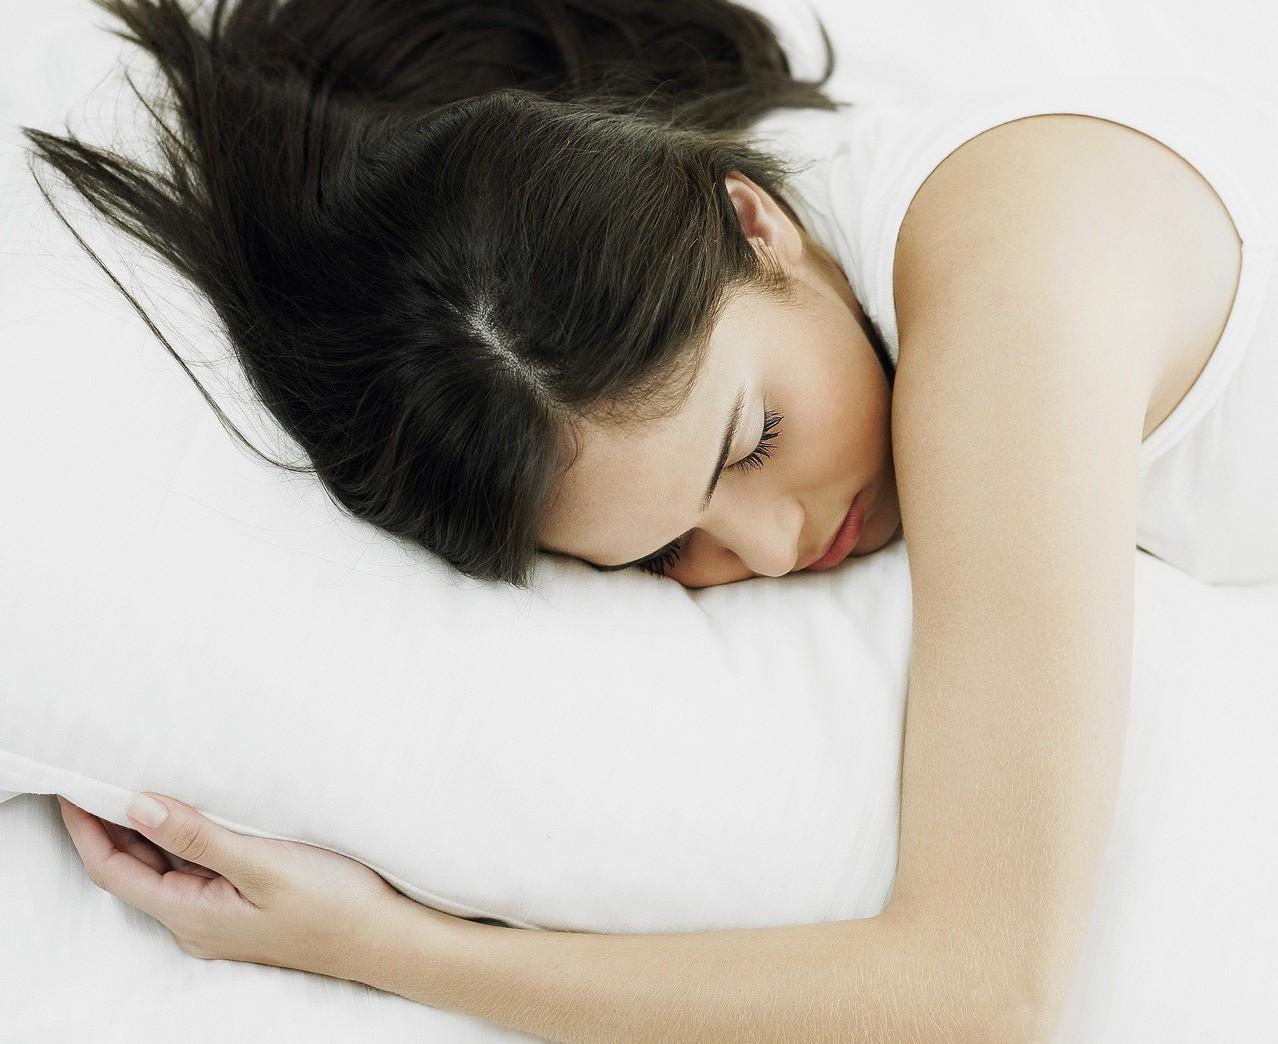 南韓女網友表示母親長期受失眠所苦,但聽到教授上課的聲音竟呼呼大睡。示意圖/ing...